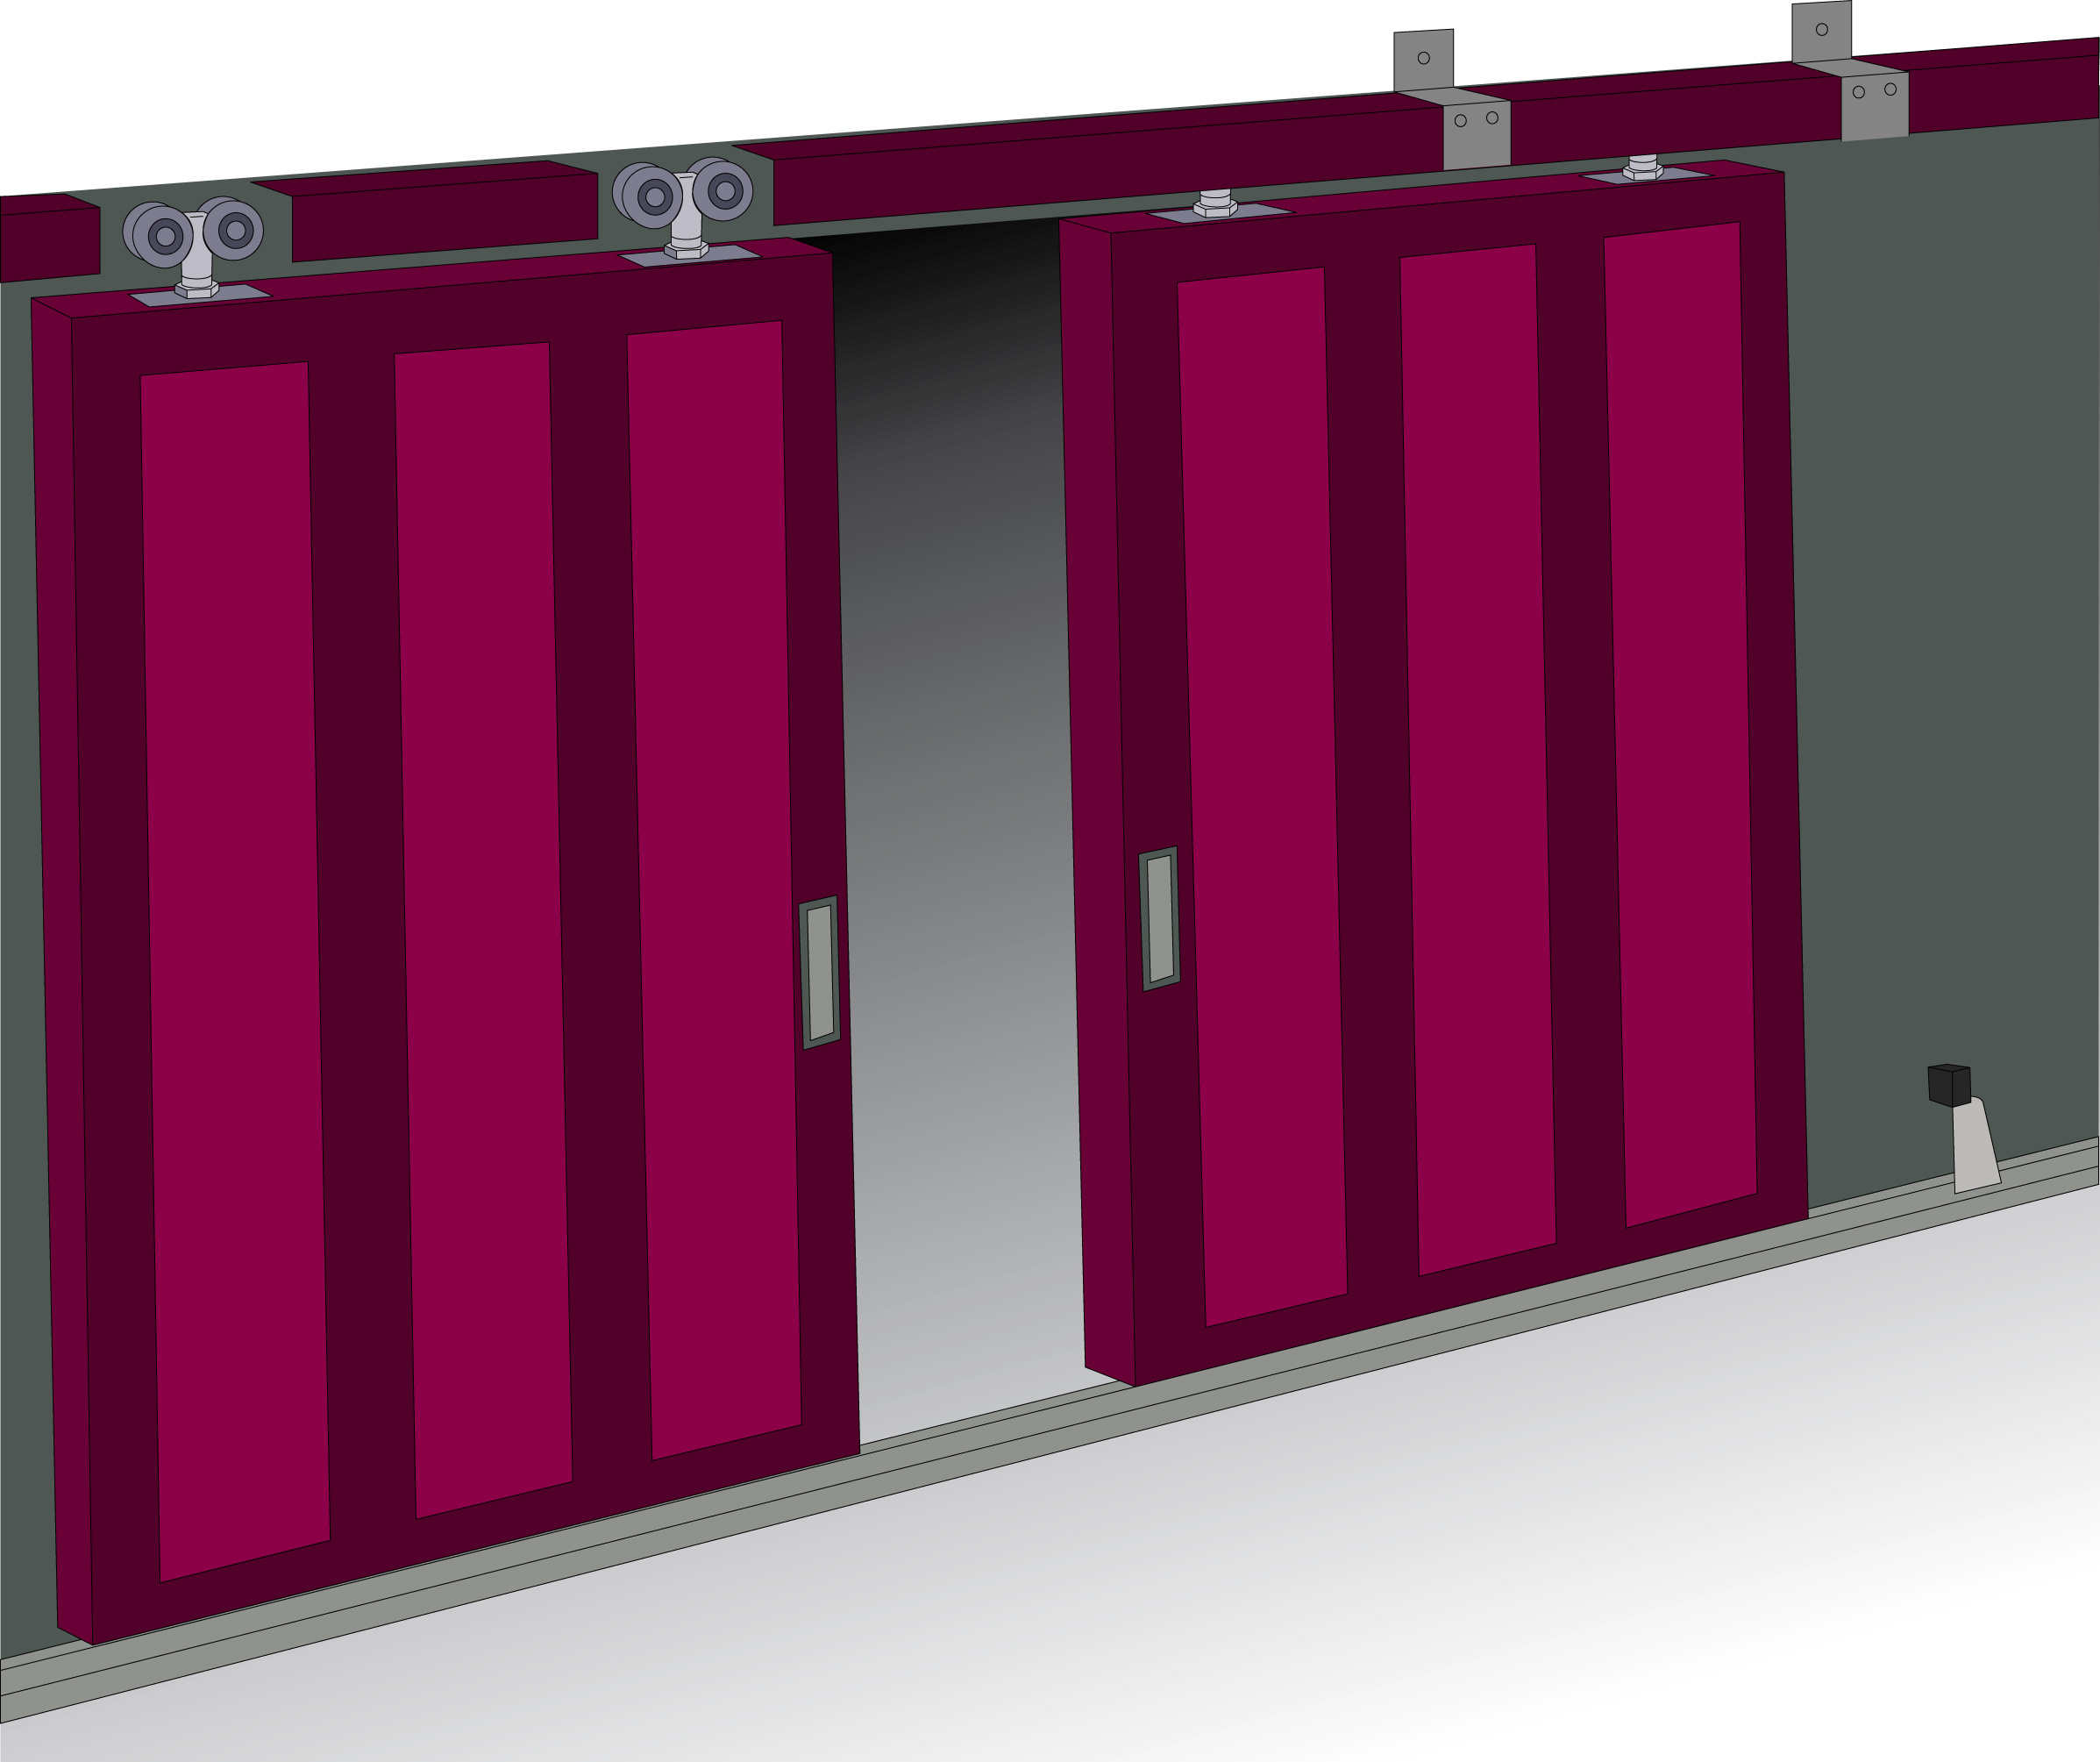 Herrajes para puertas metalicas herrajes puertas for Puertas corredizas metalicas